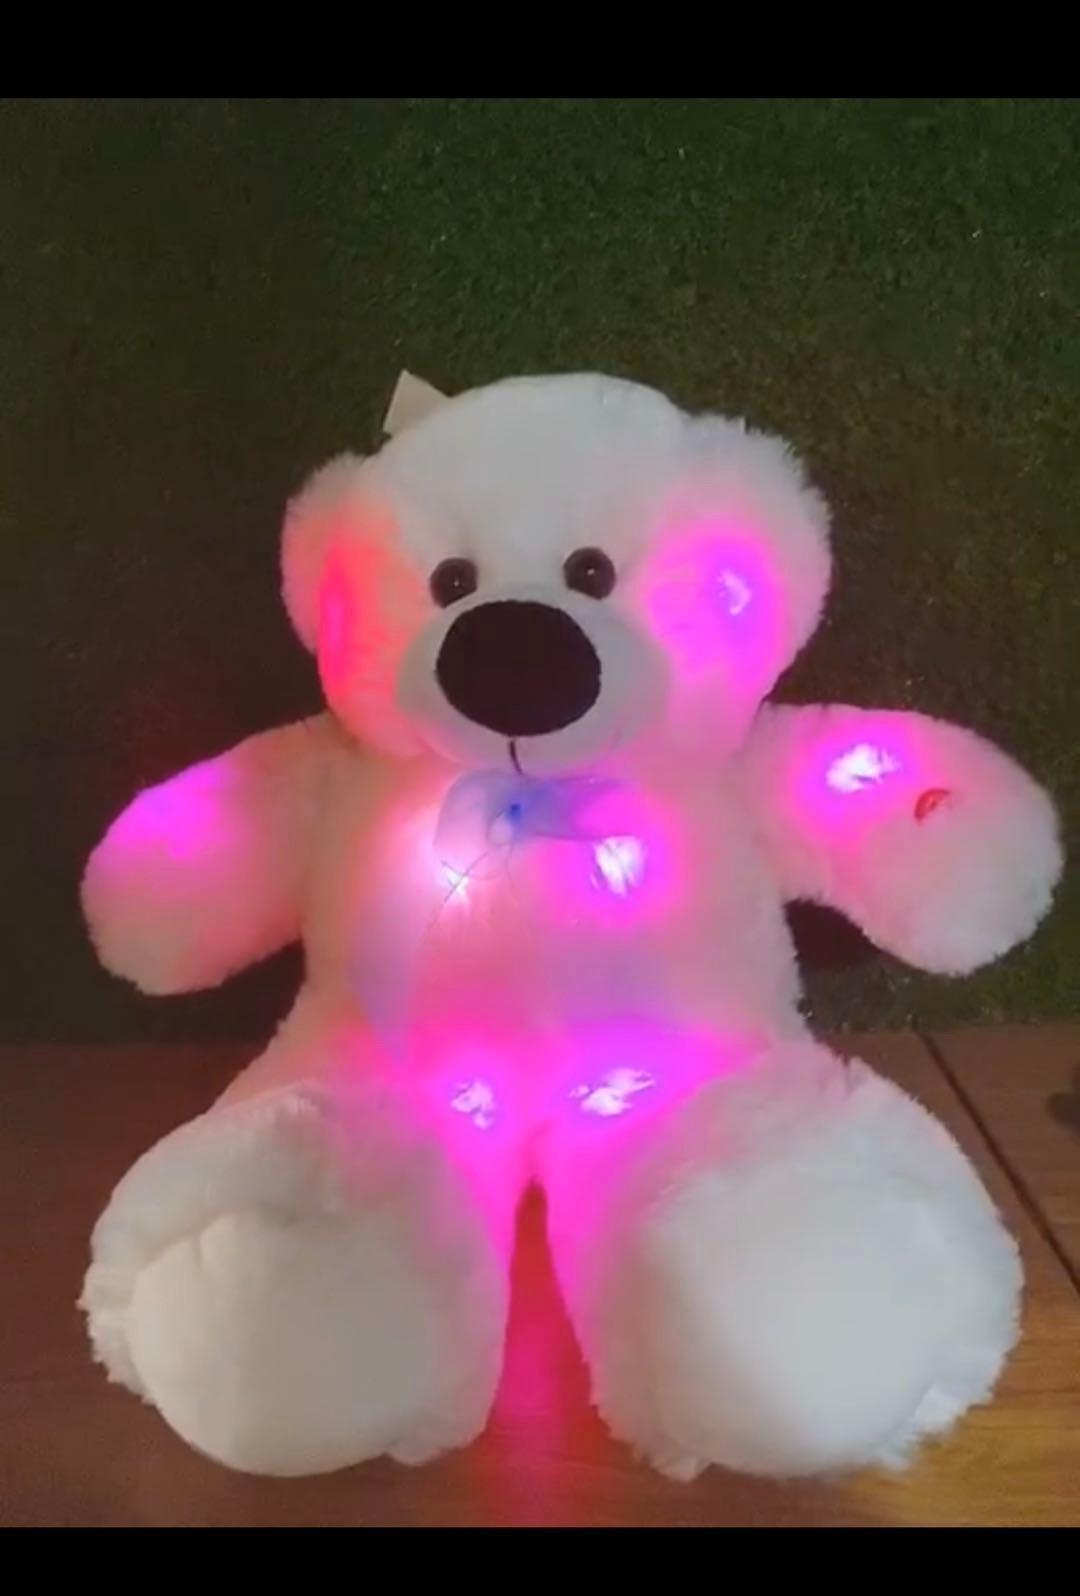 ぬいぐるみテディベア、光るクマ